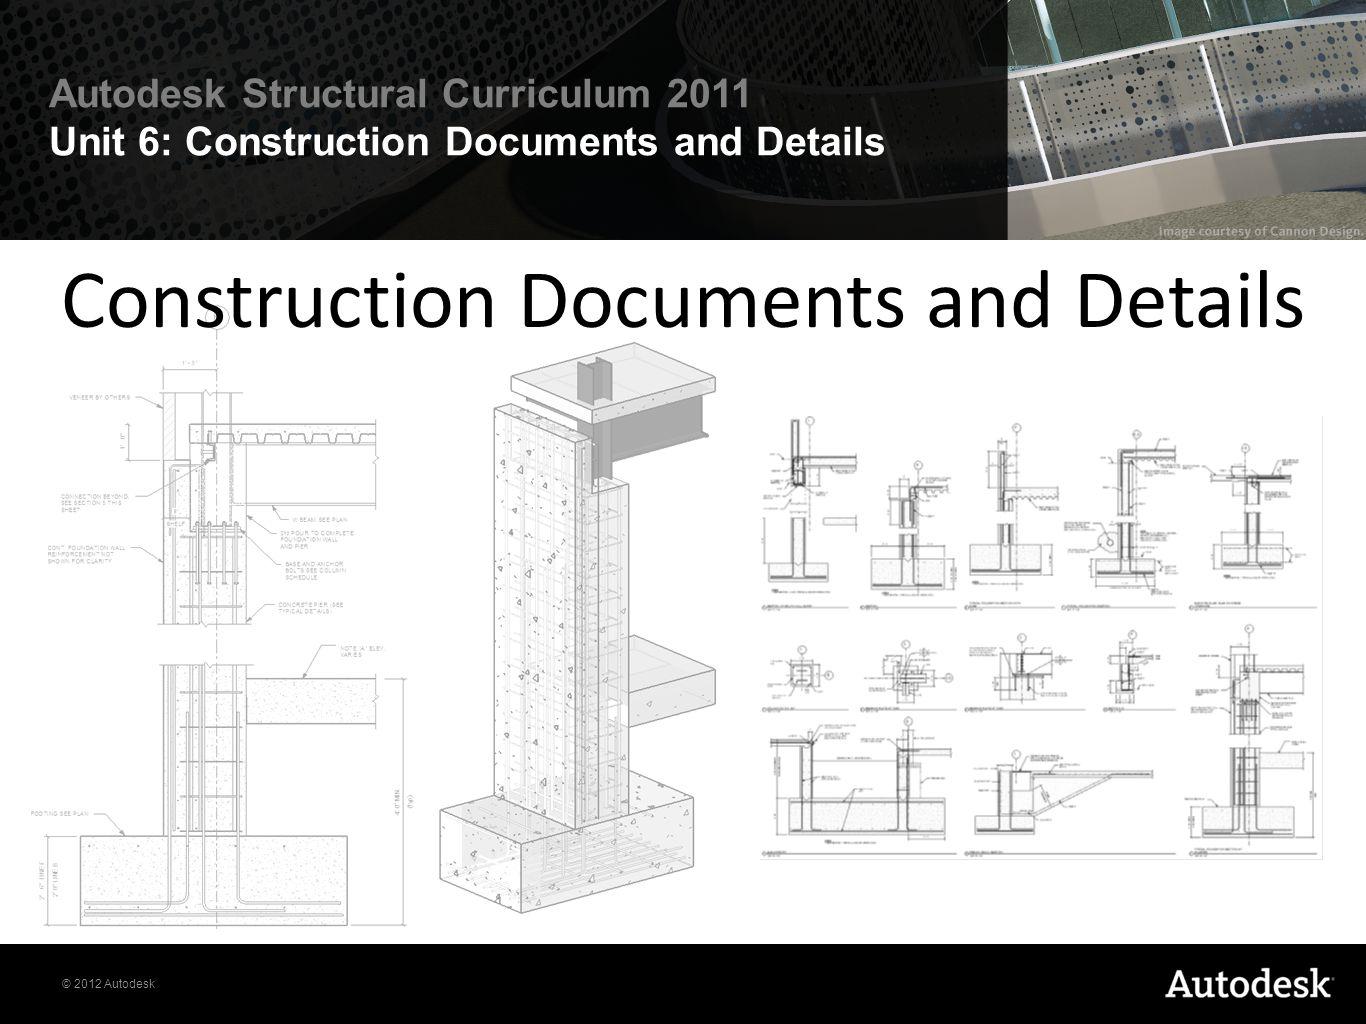 © 2012 Autodesk Autodesk Structural Curriculum 2011 Unit 6: Construction Documents and Details Construction Documents and Details